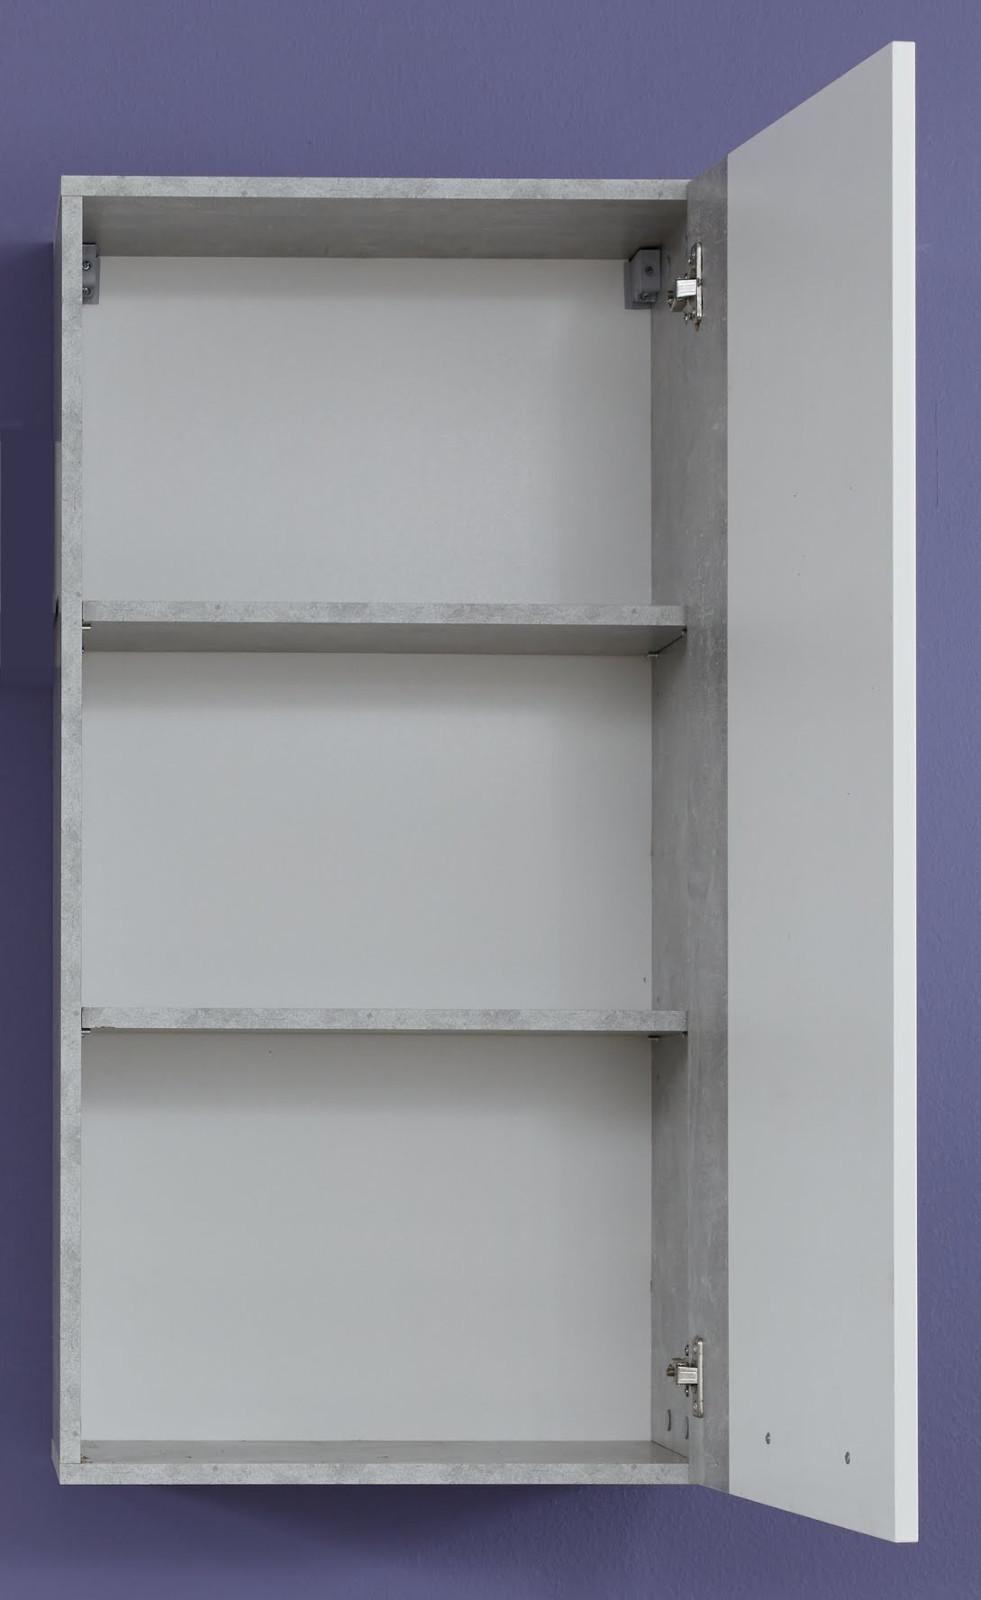 h ngeschrank rock wei hochglanz und stone 52 x 103 cm. Black Bedroom Furniture Sets. Home Design Ideas